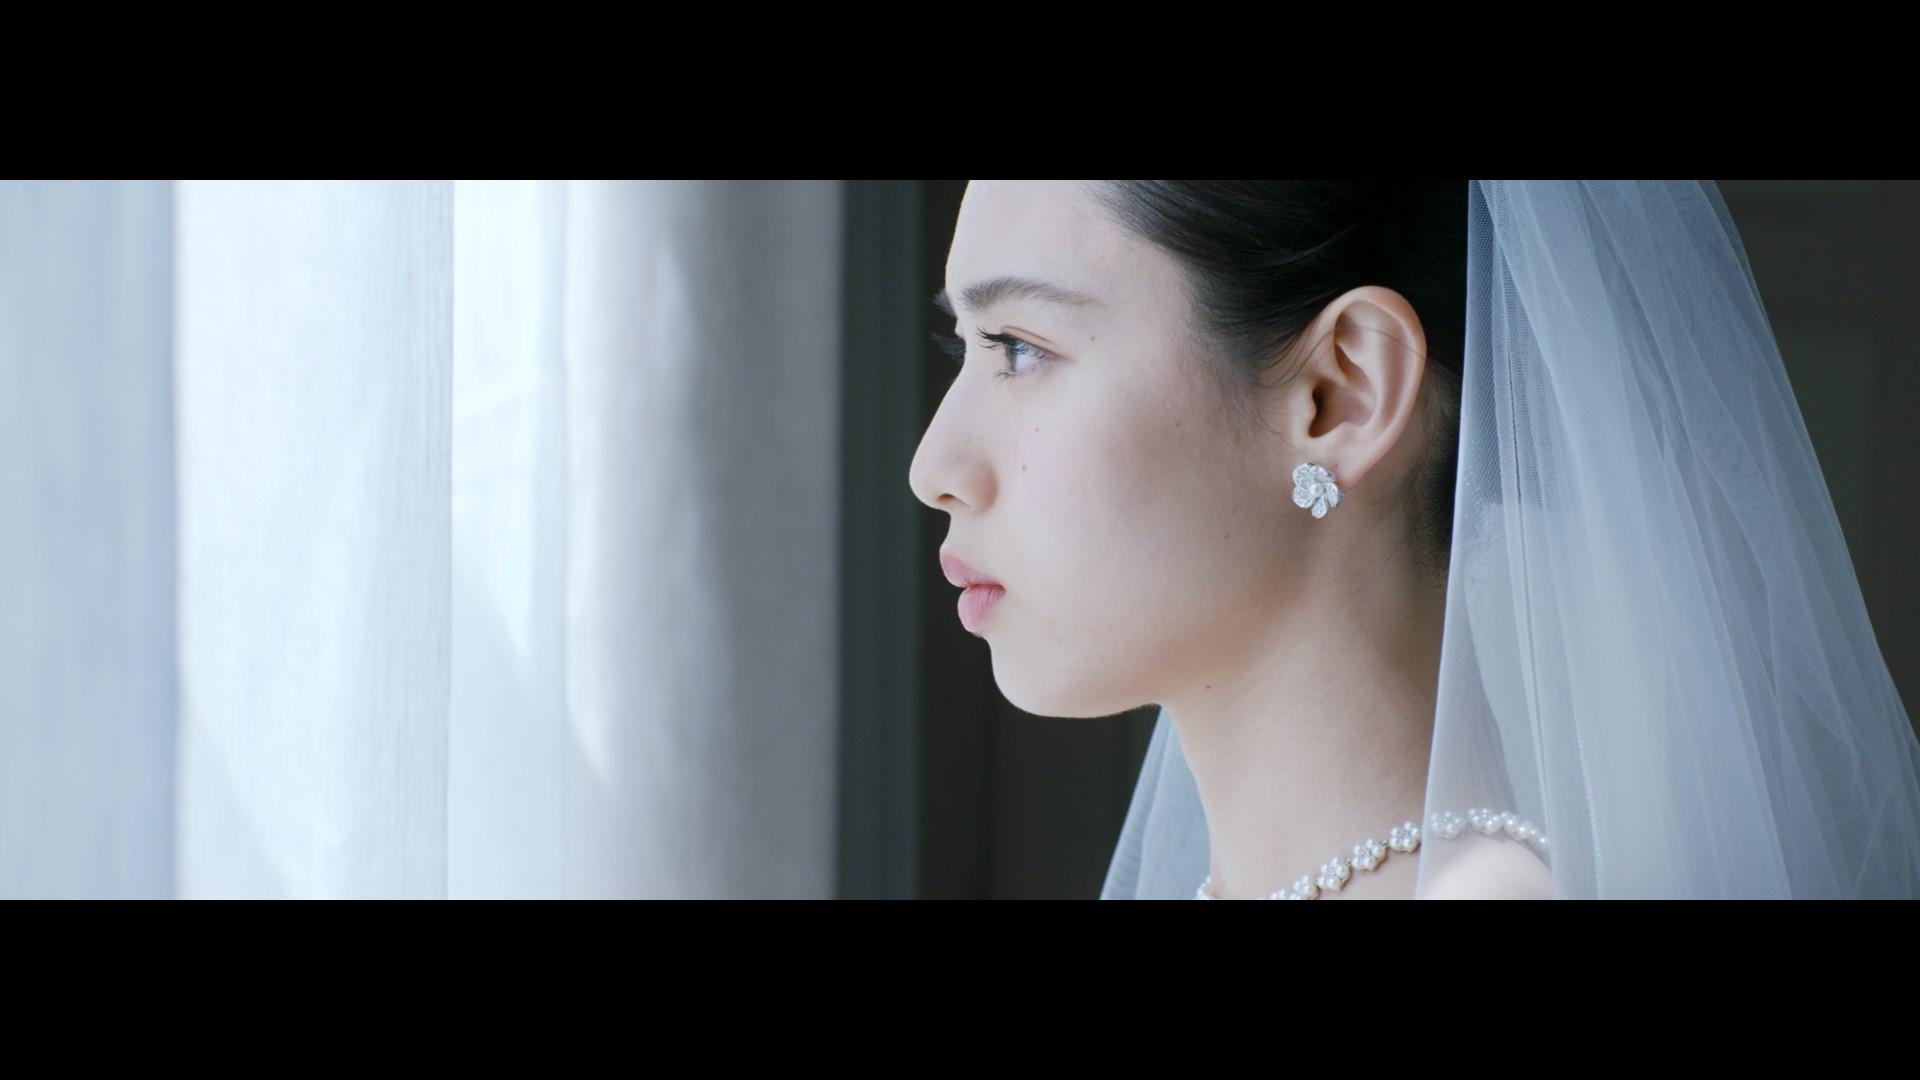 白石聖(ゼクシィ12代目CMガール)/ゼクシィCM「花嫁の歌」篇・wedding dress model actress